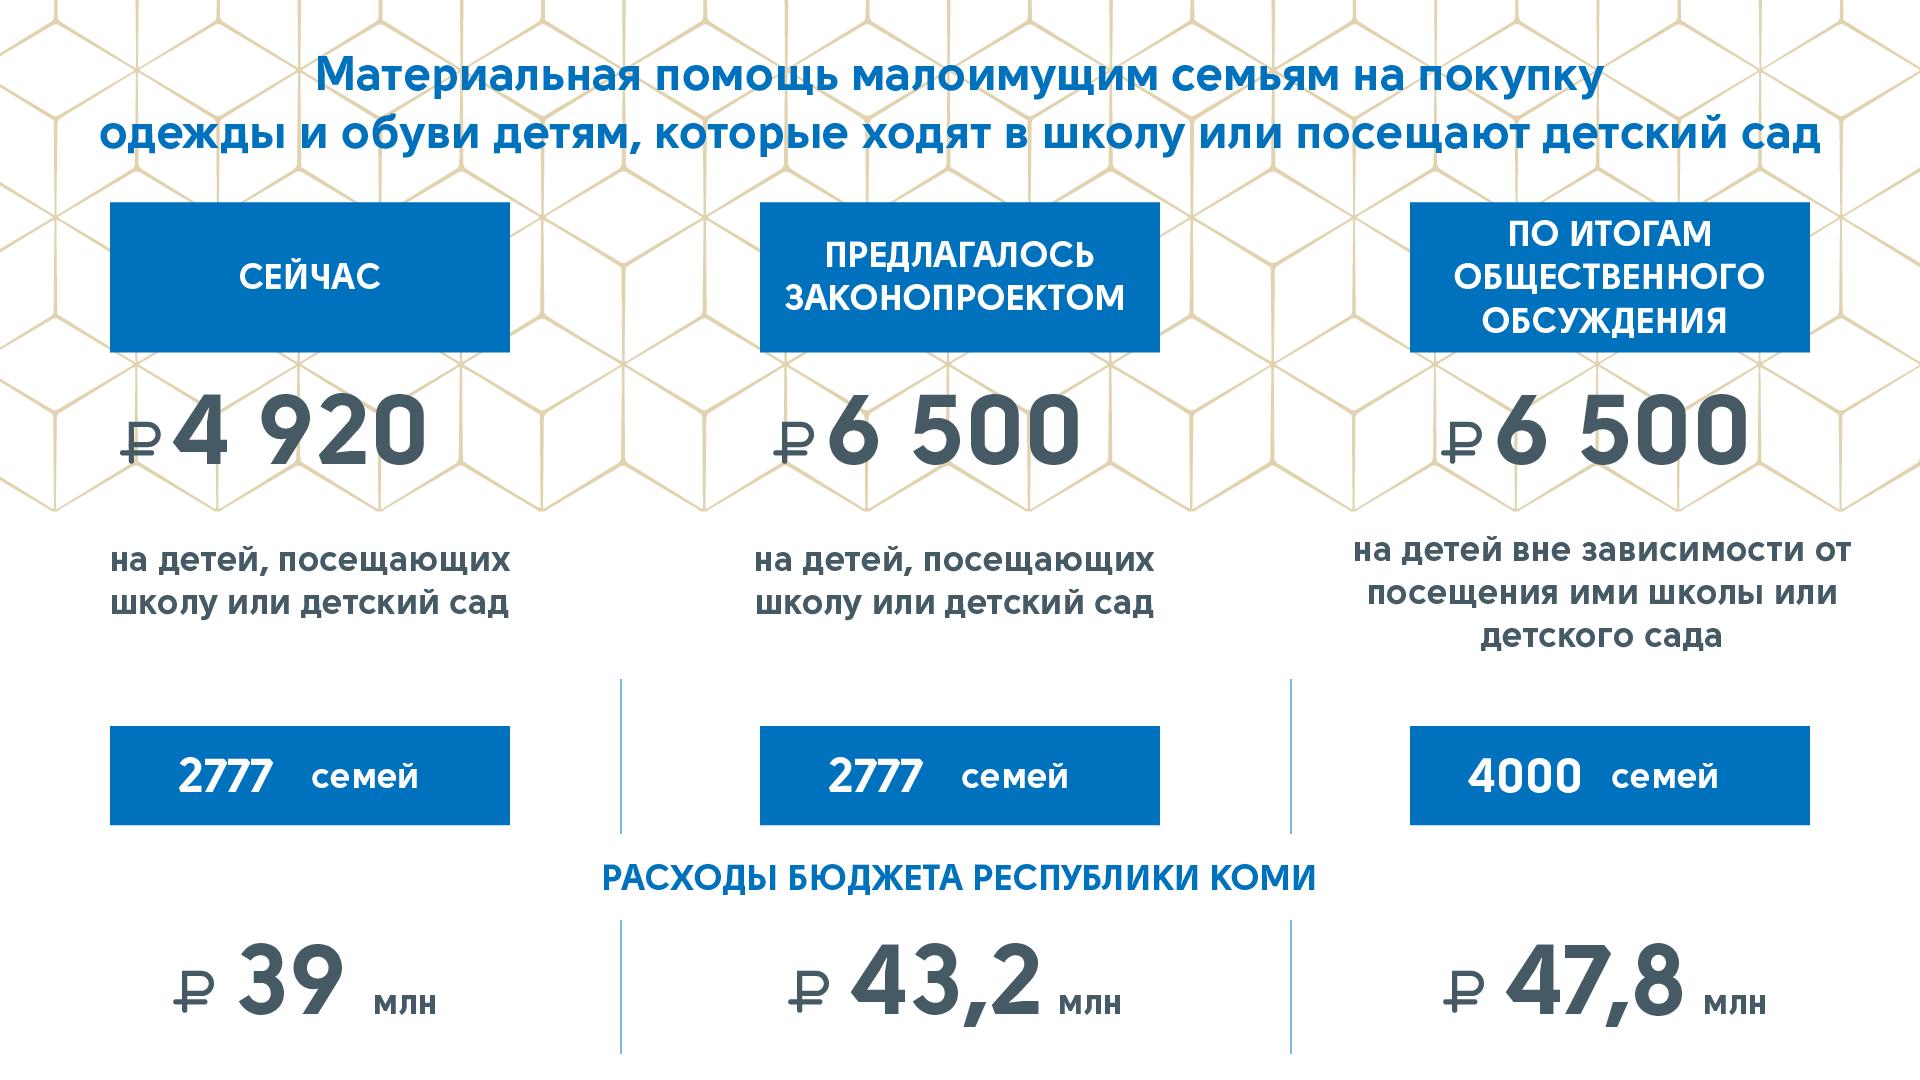 MP_na_odeghdu_obuv_detyam_infografika.png